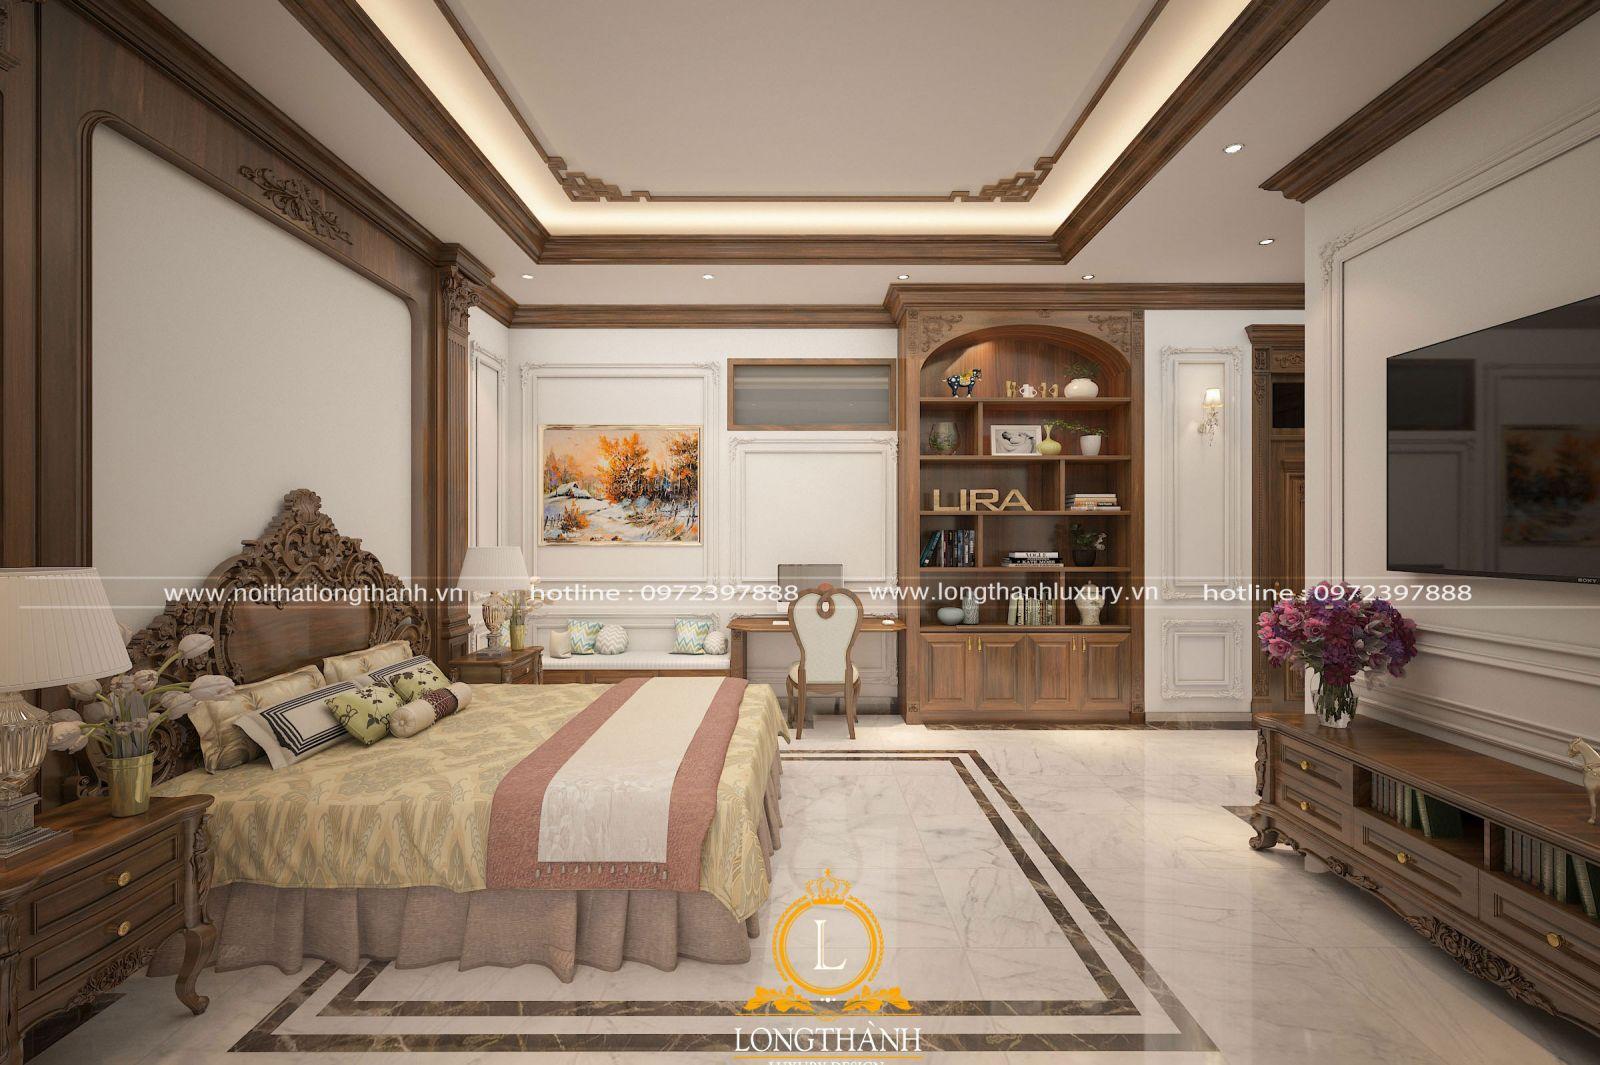 Trang trí tranh treo phòng ngủ tân cổ điển với diện tường phẳng